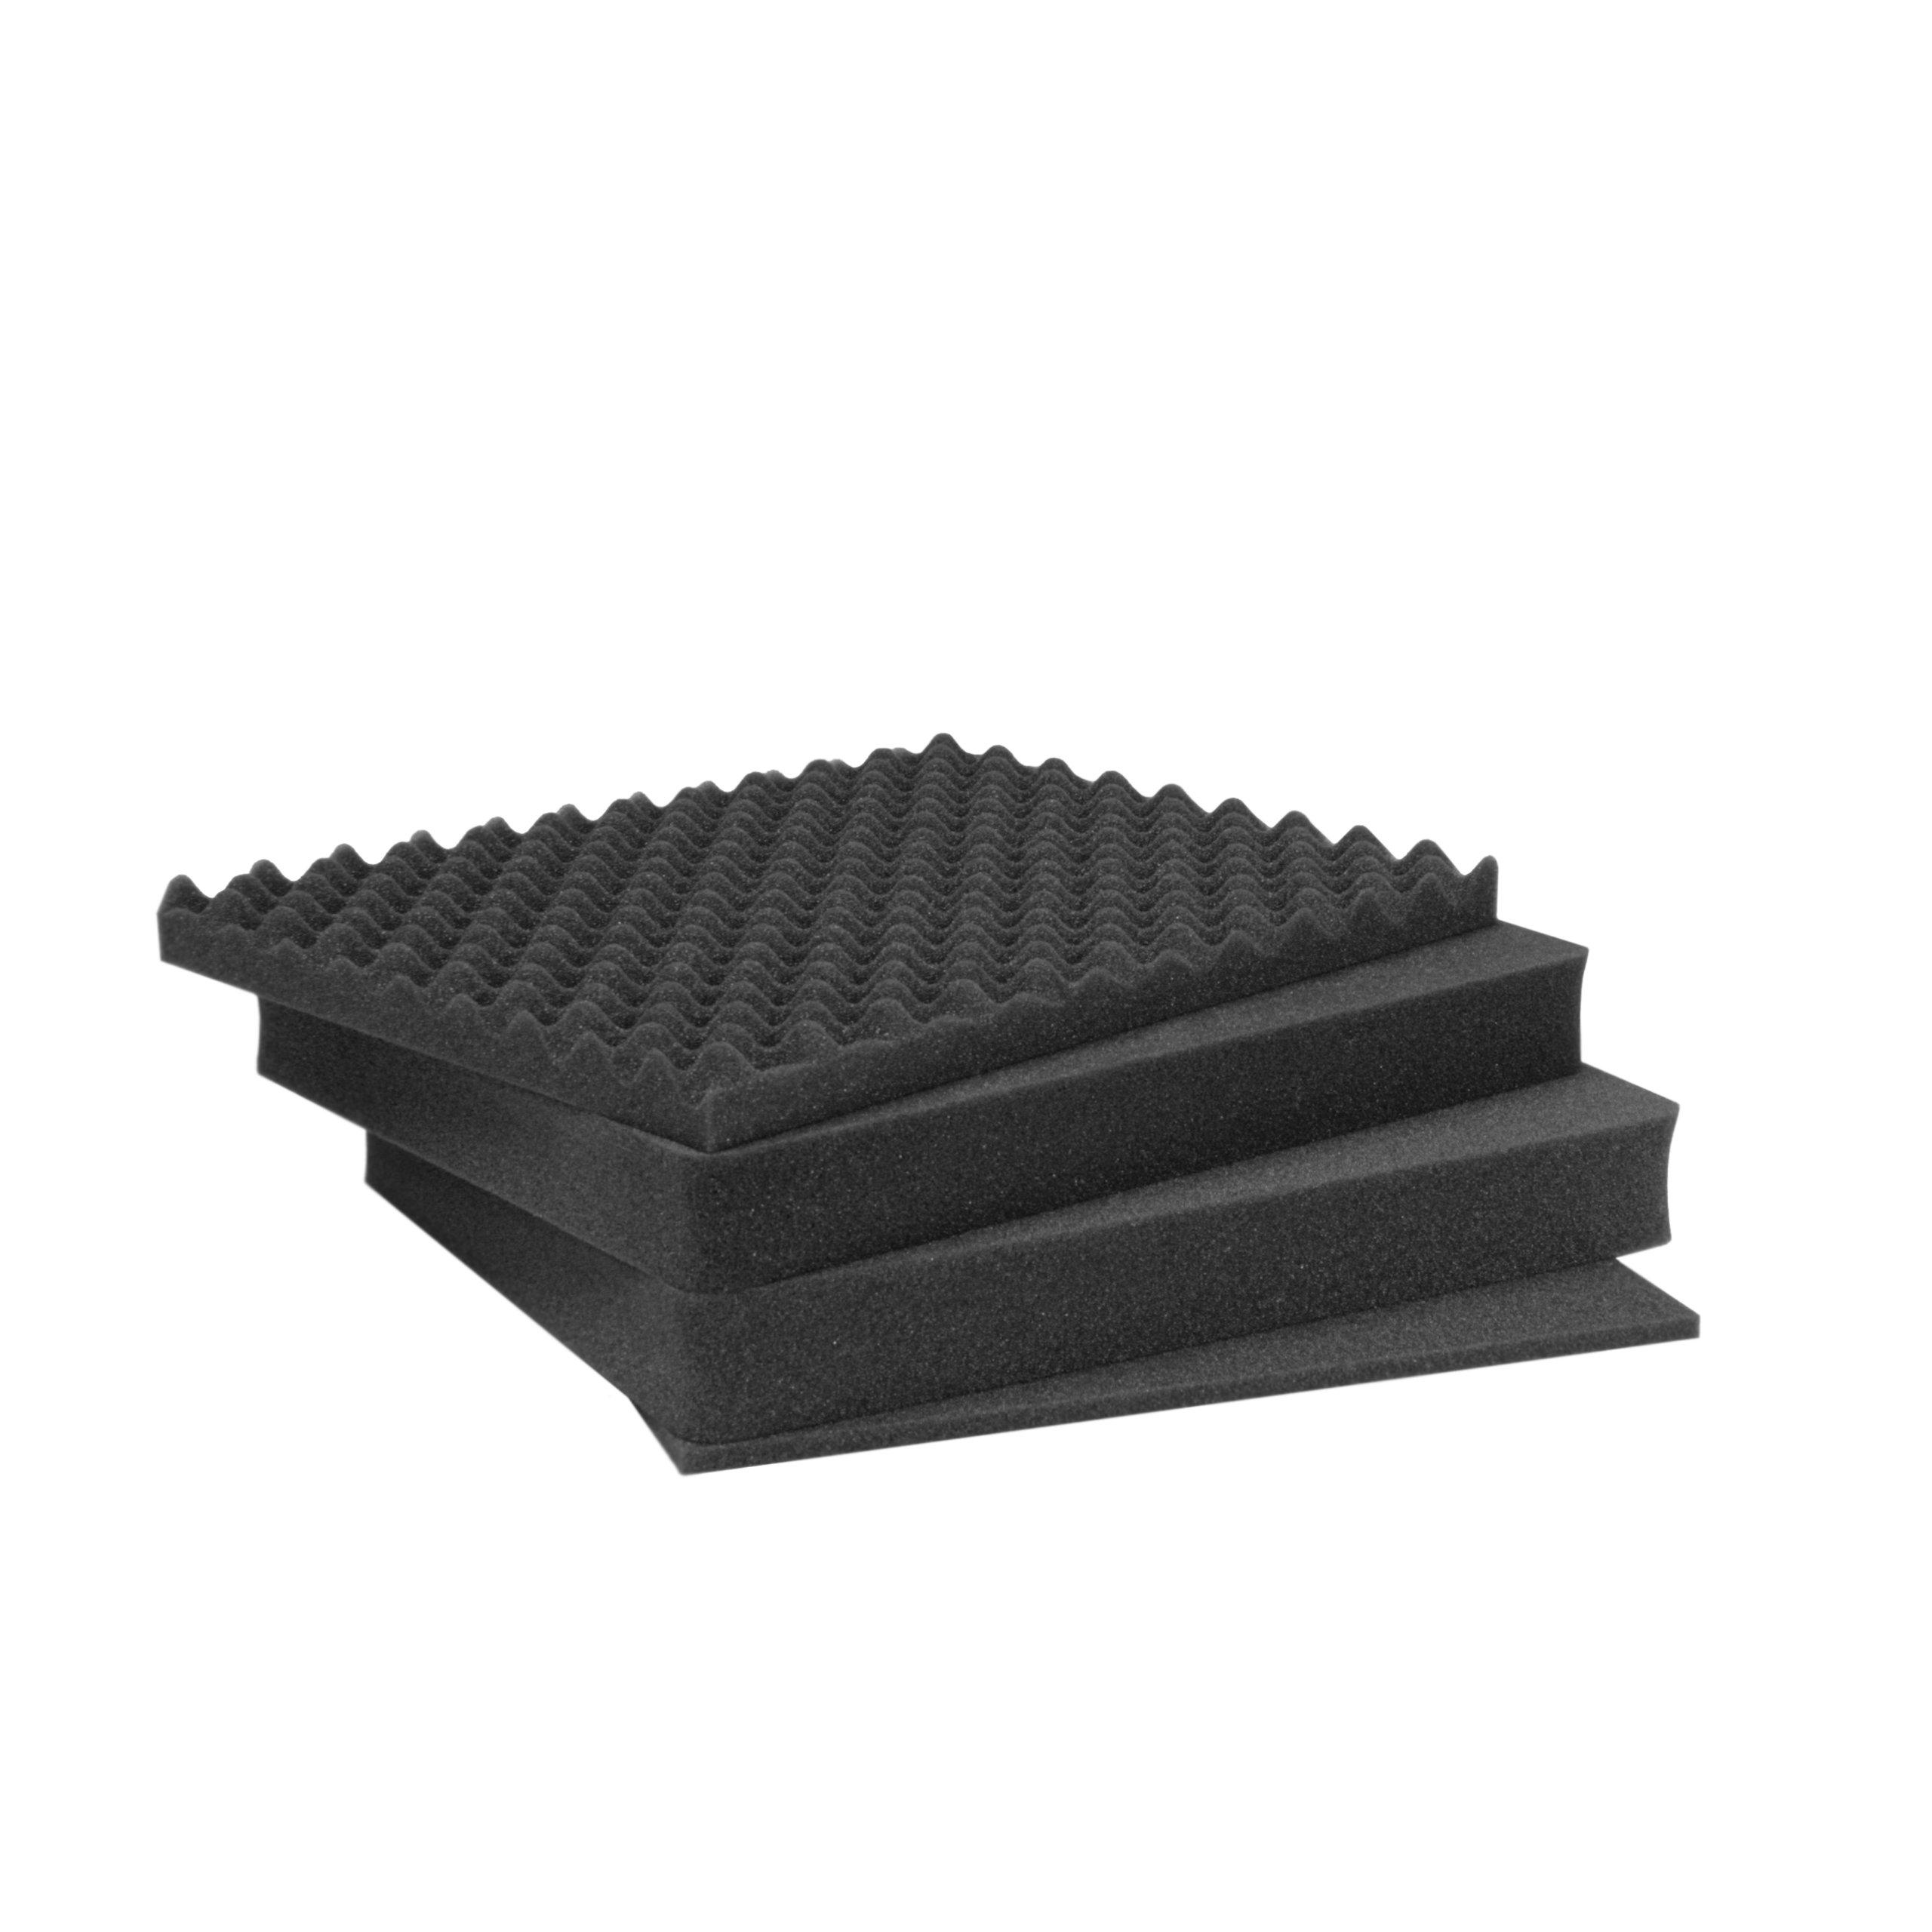 Foam inserts (3 part) for 945 Nanuk Case